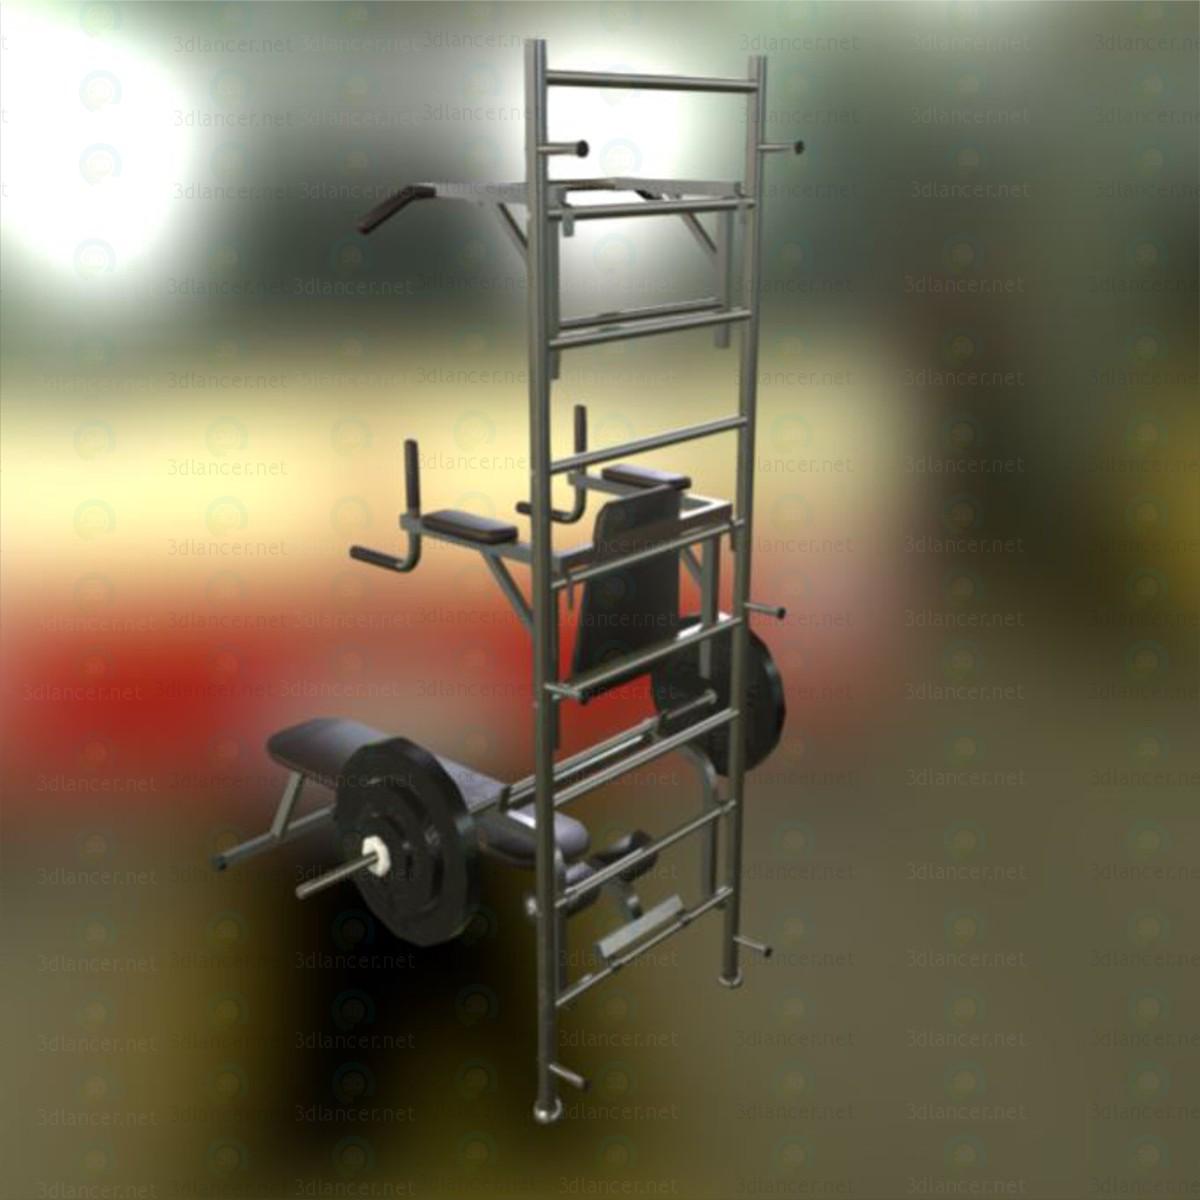 3d Тренажер для спортзала модель купить - ракурс